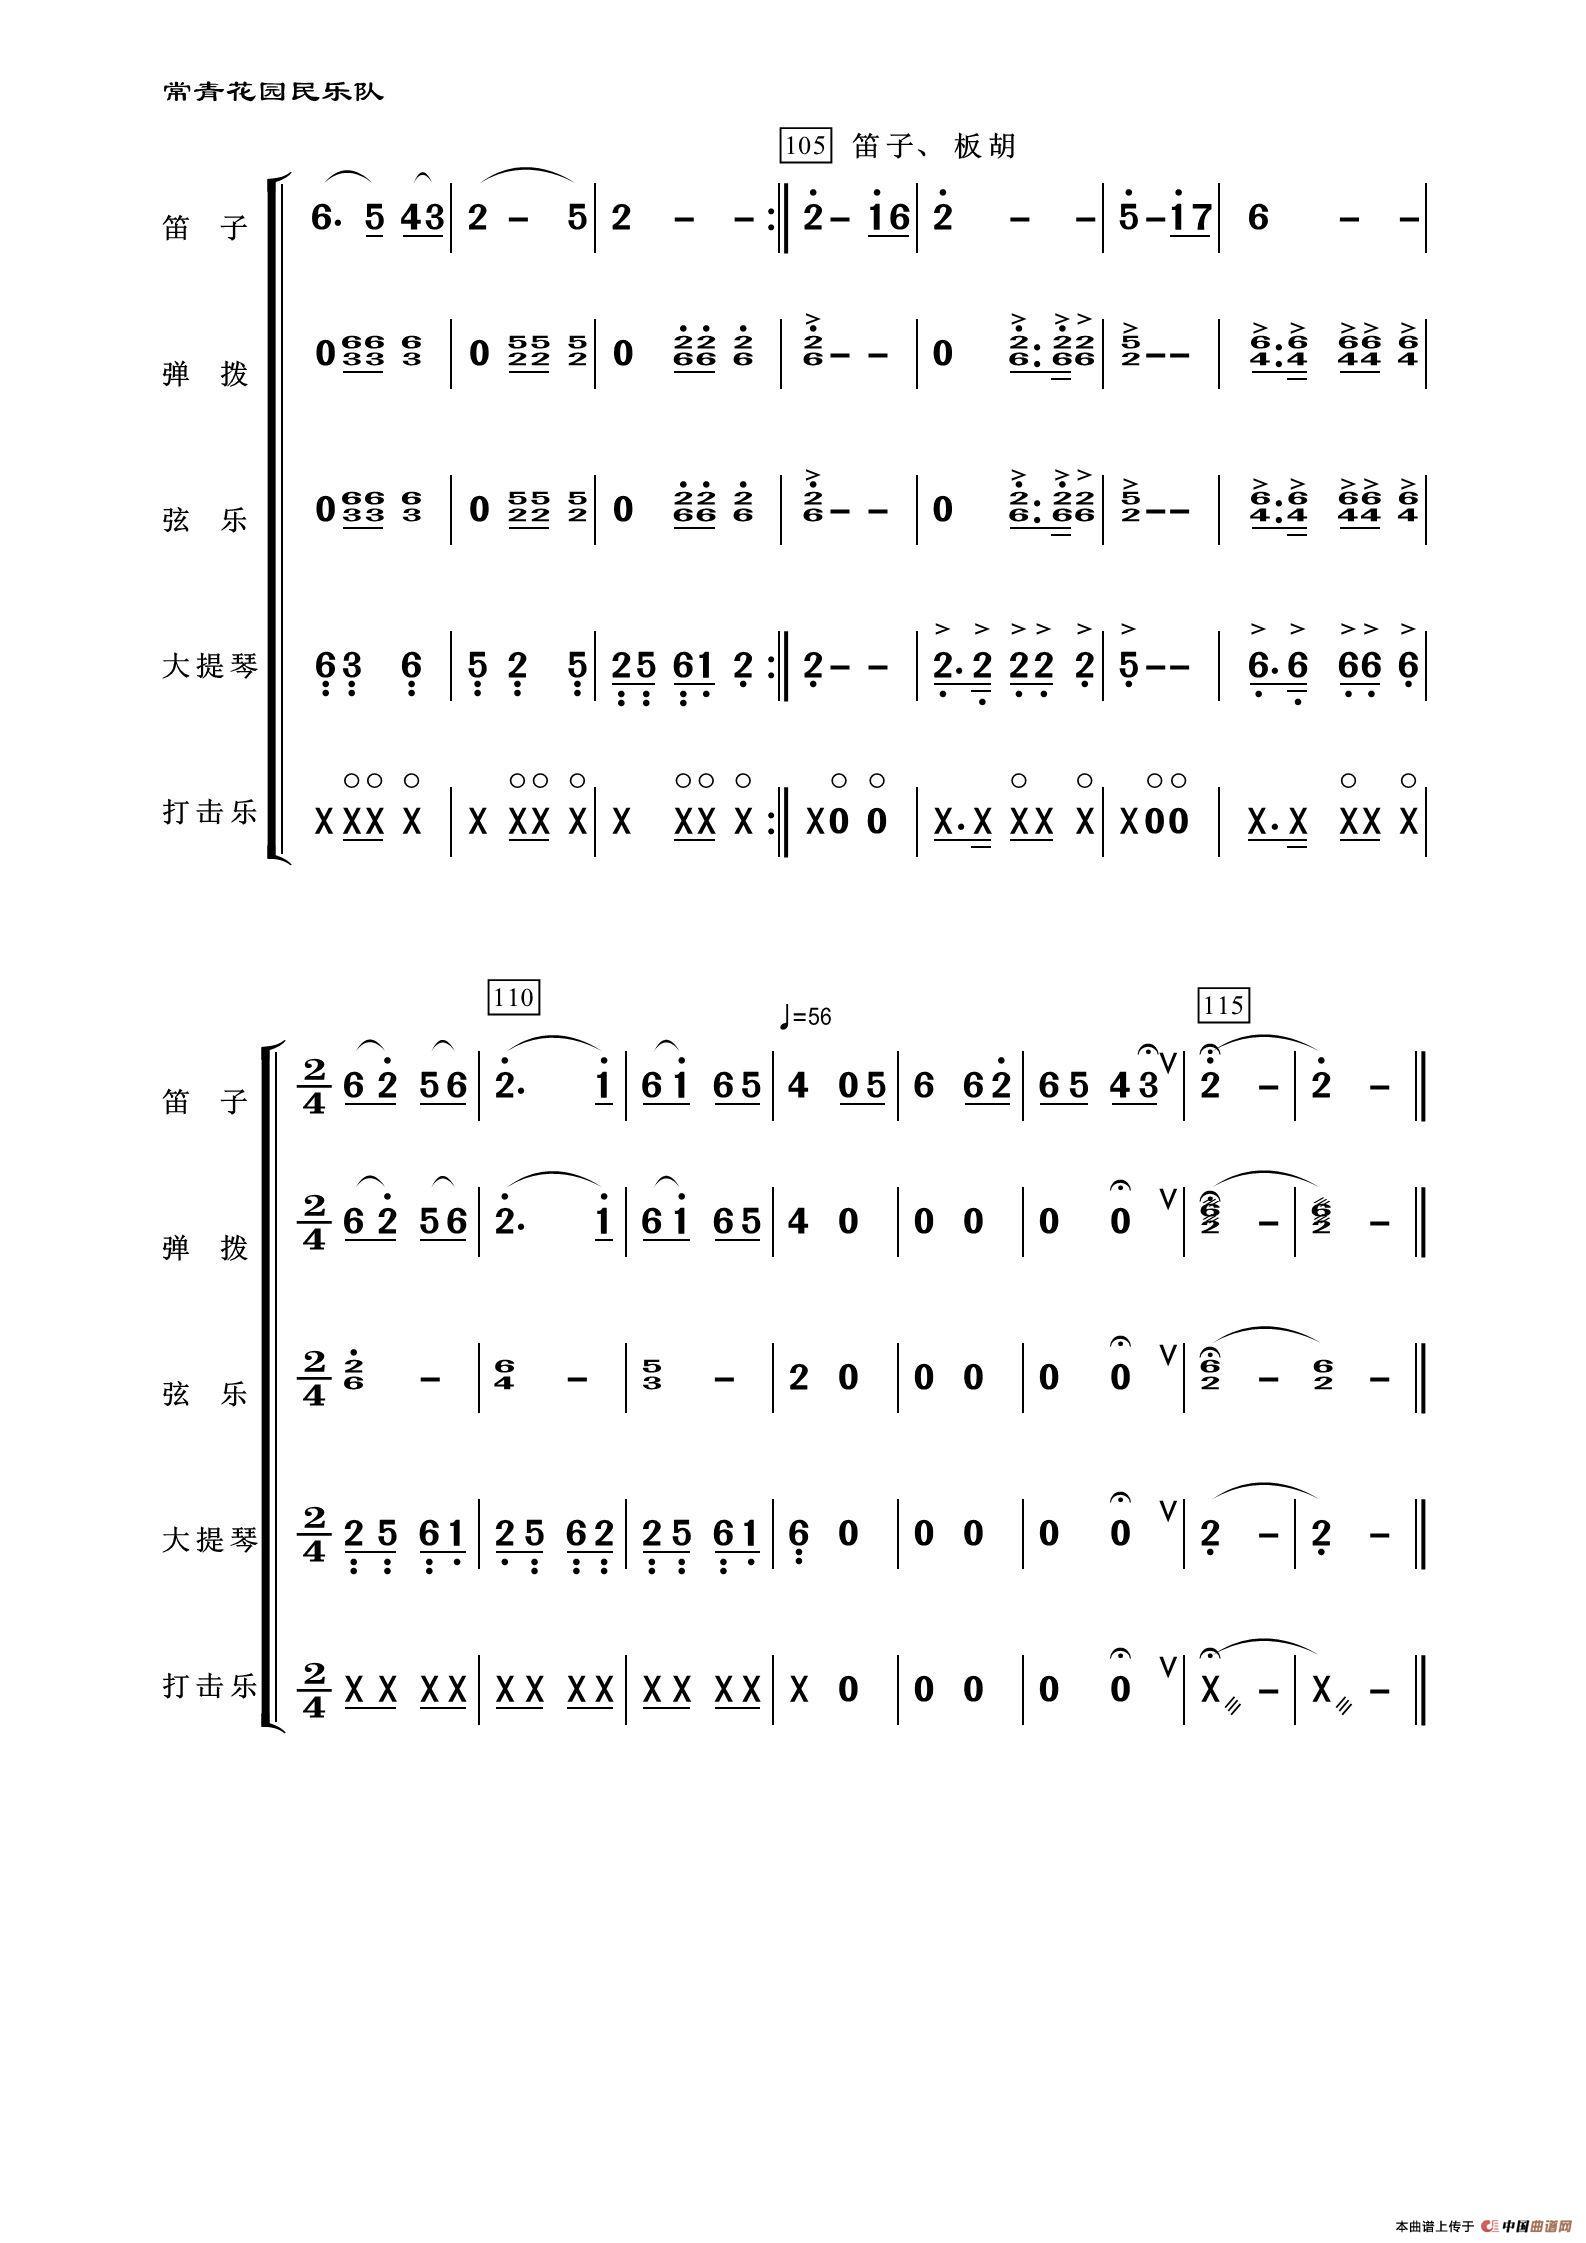 绣金匾简谱 民乐合奏 常青老柏个人制谱园地 中国曲谱网